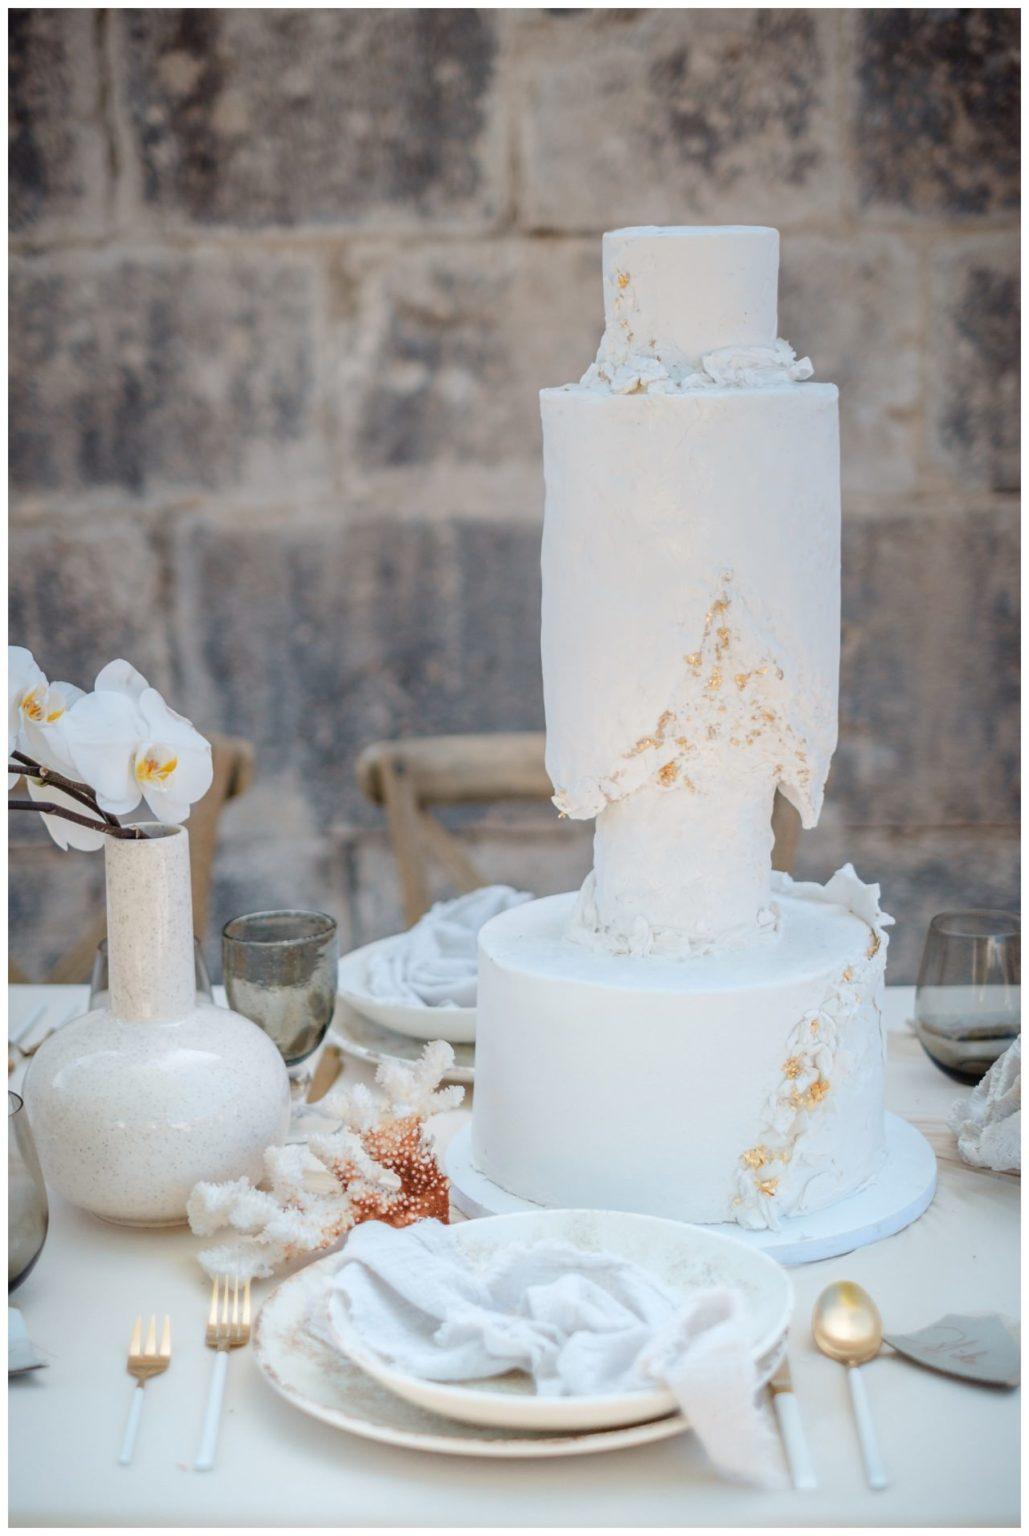 Hochzeit Kroatien Planung Hochzeitsplaner Trockenblumen Fotograf 21 - Natürliche Hochzeit mit Trockenblumen